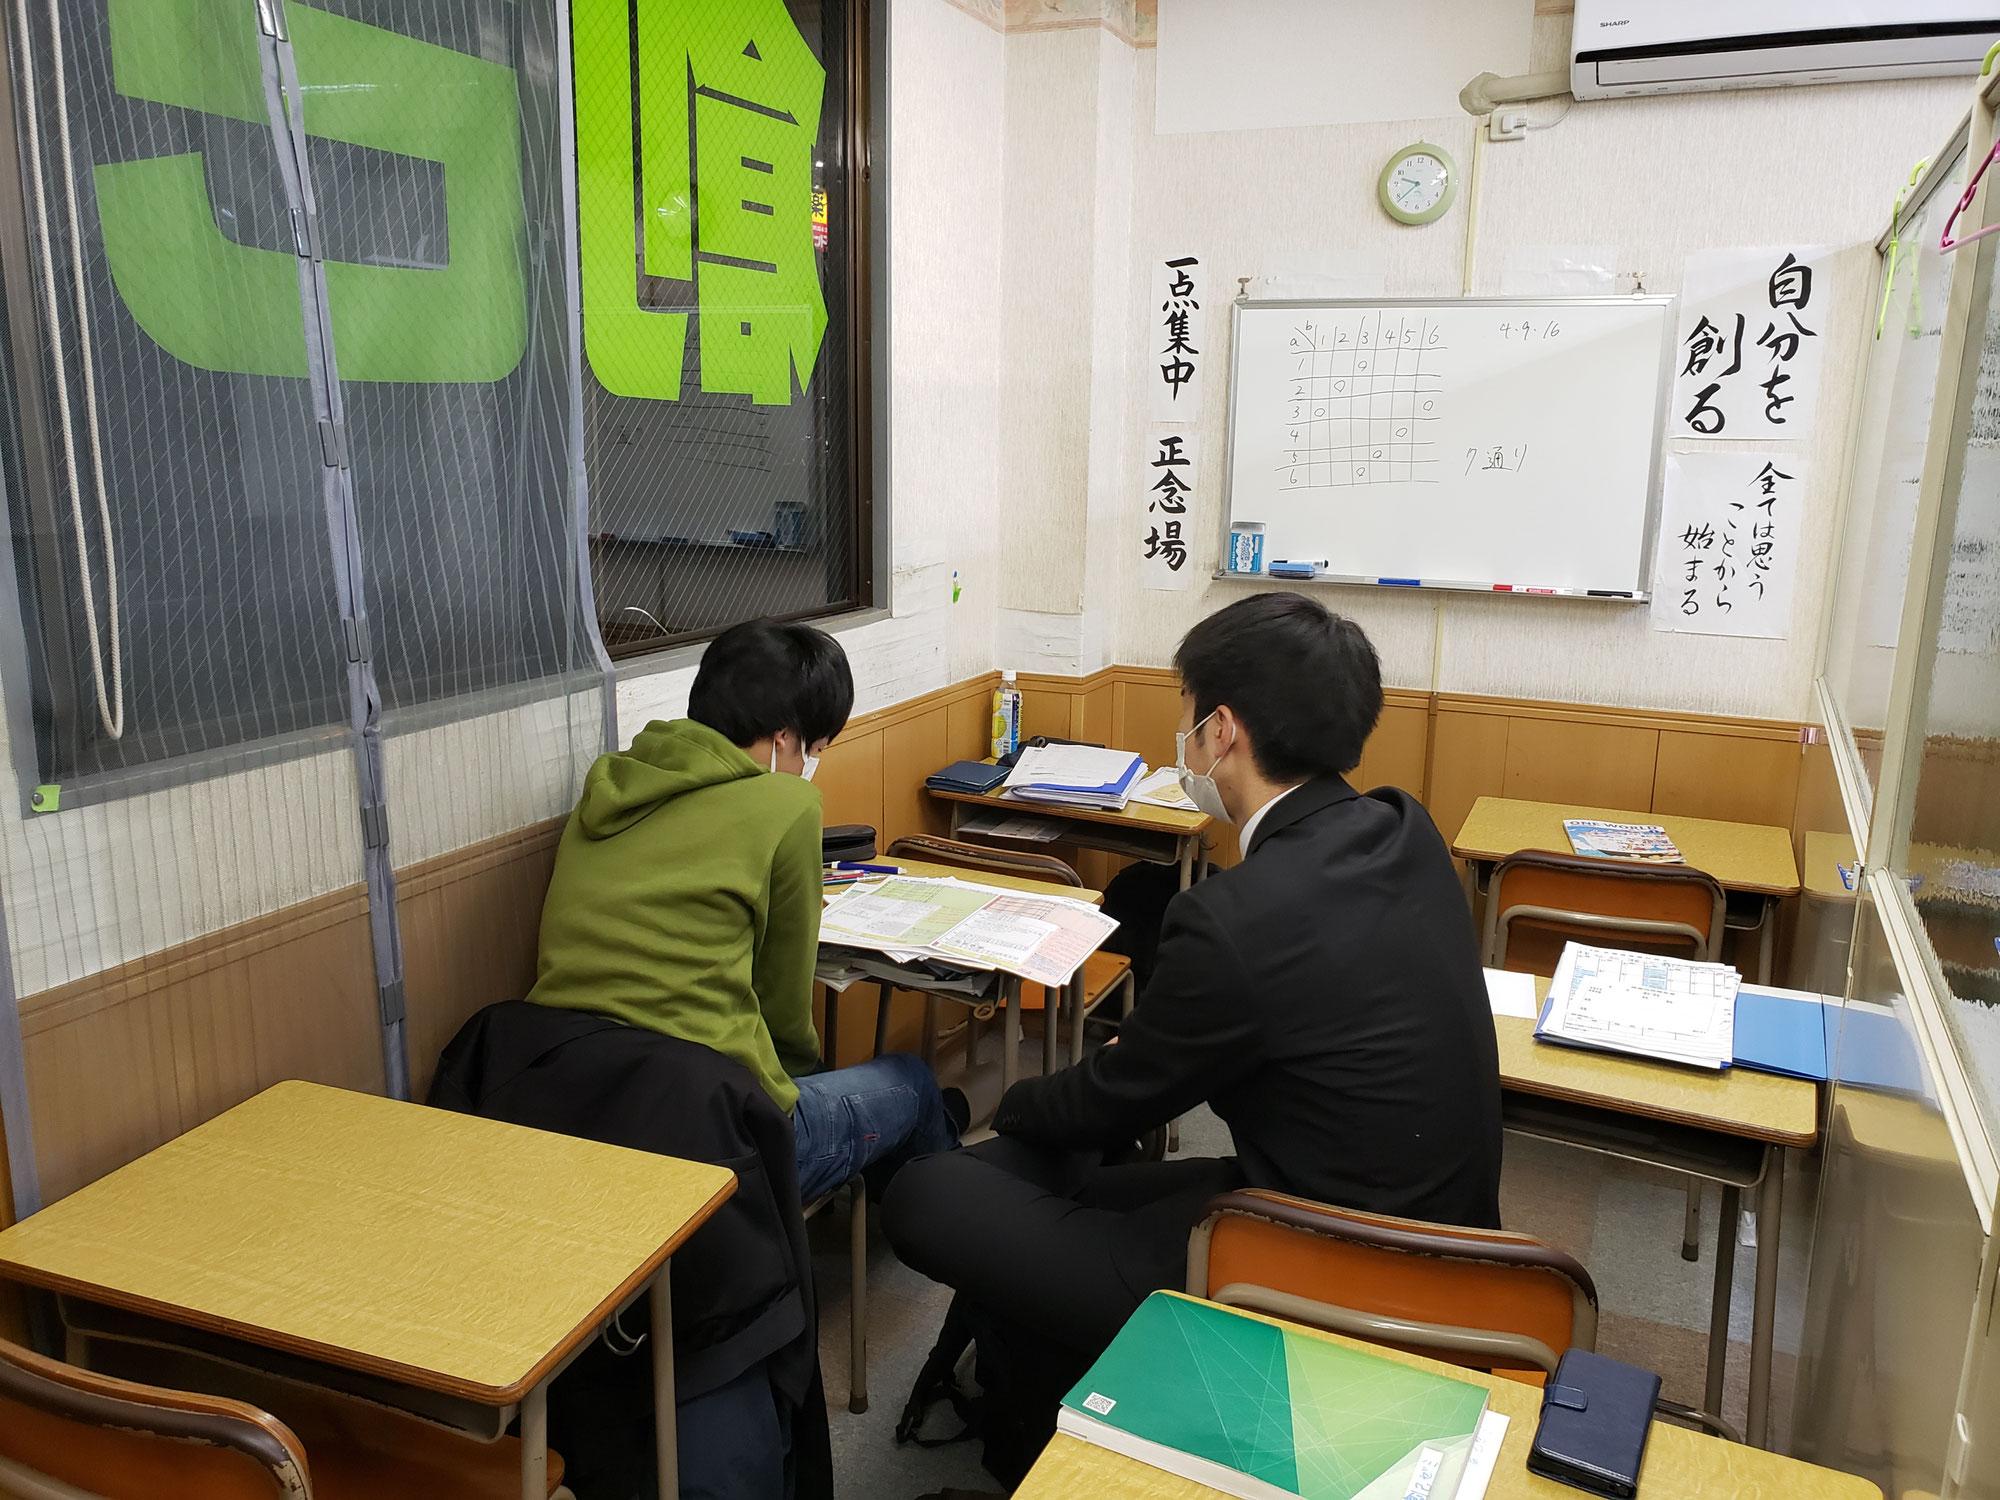 12/25から創己ゼミ冬期集中授業(冬期講習)が始まります。(^^ )